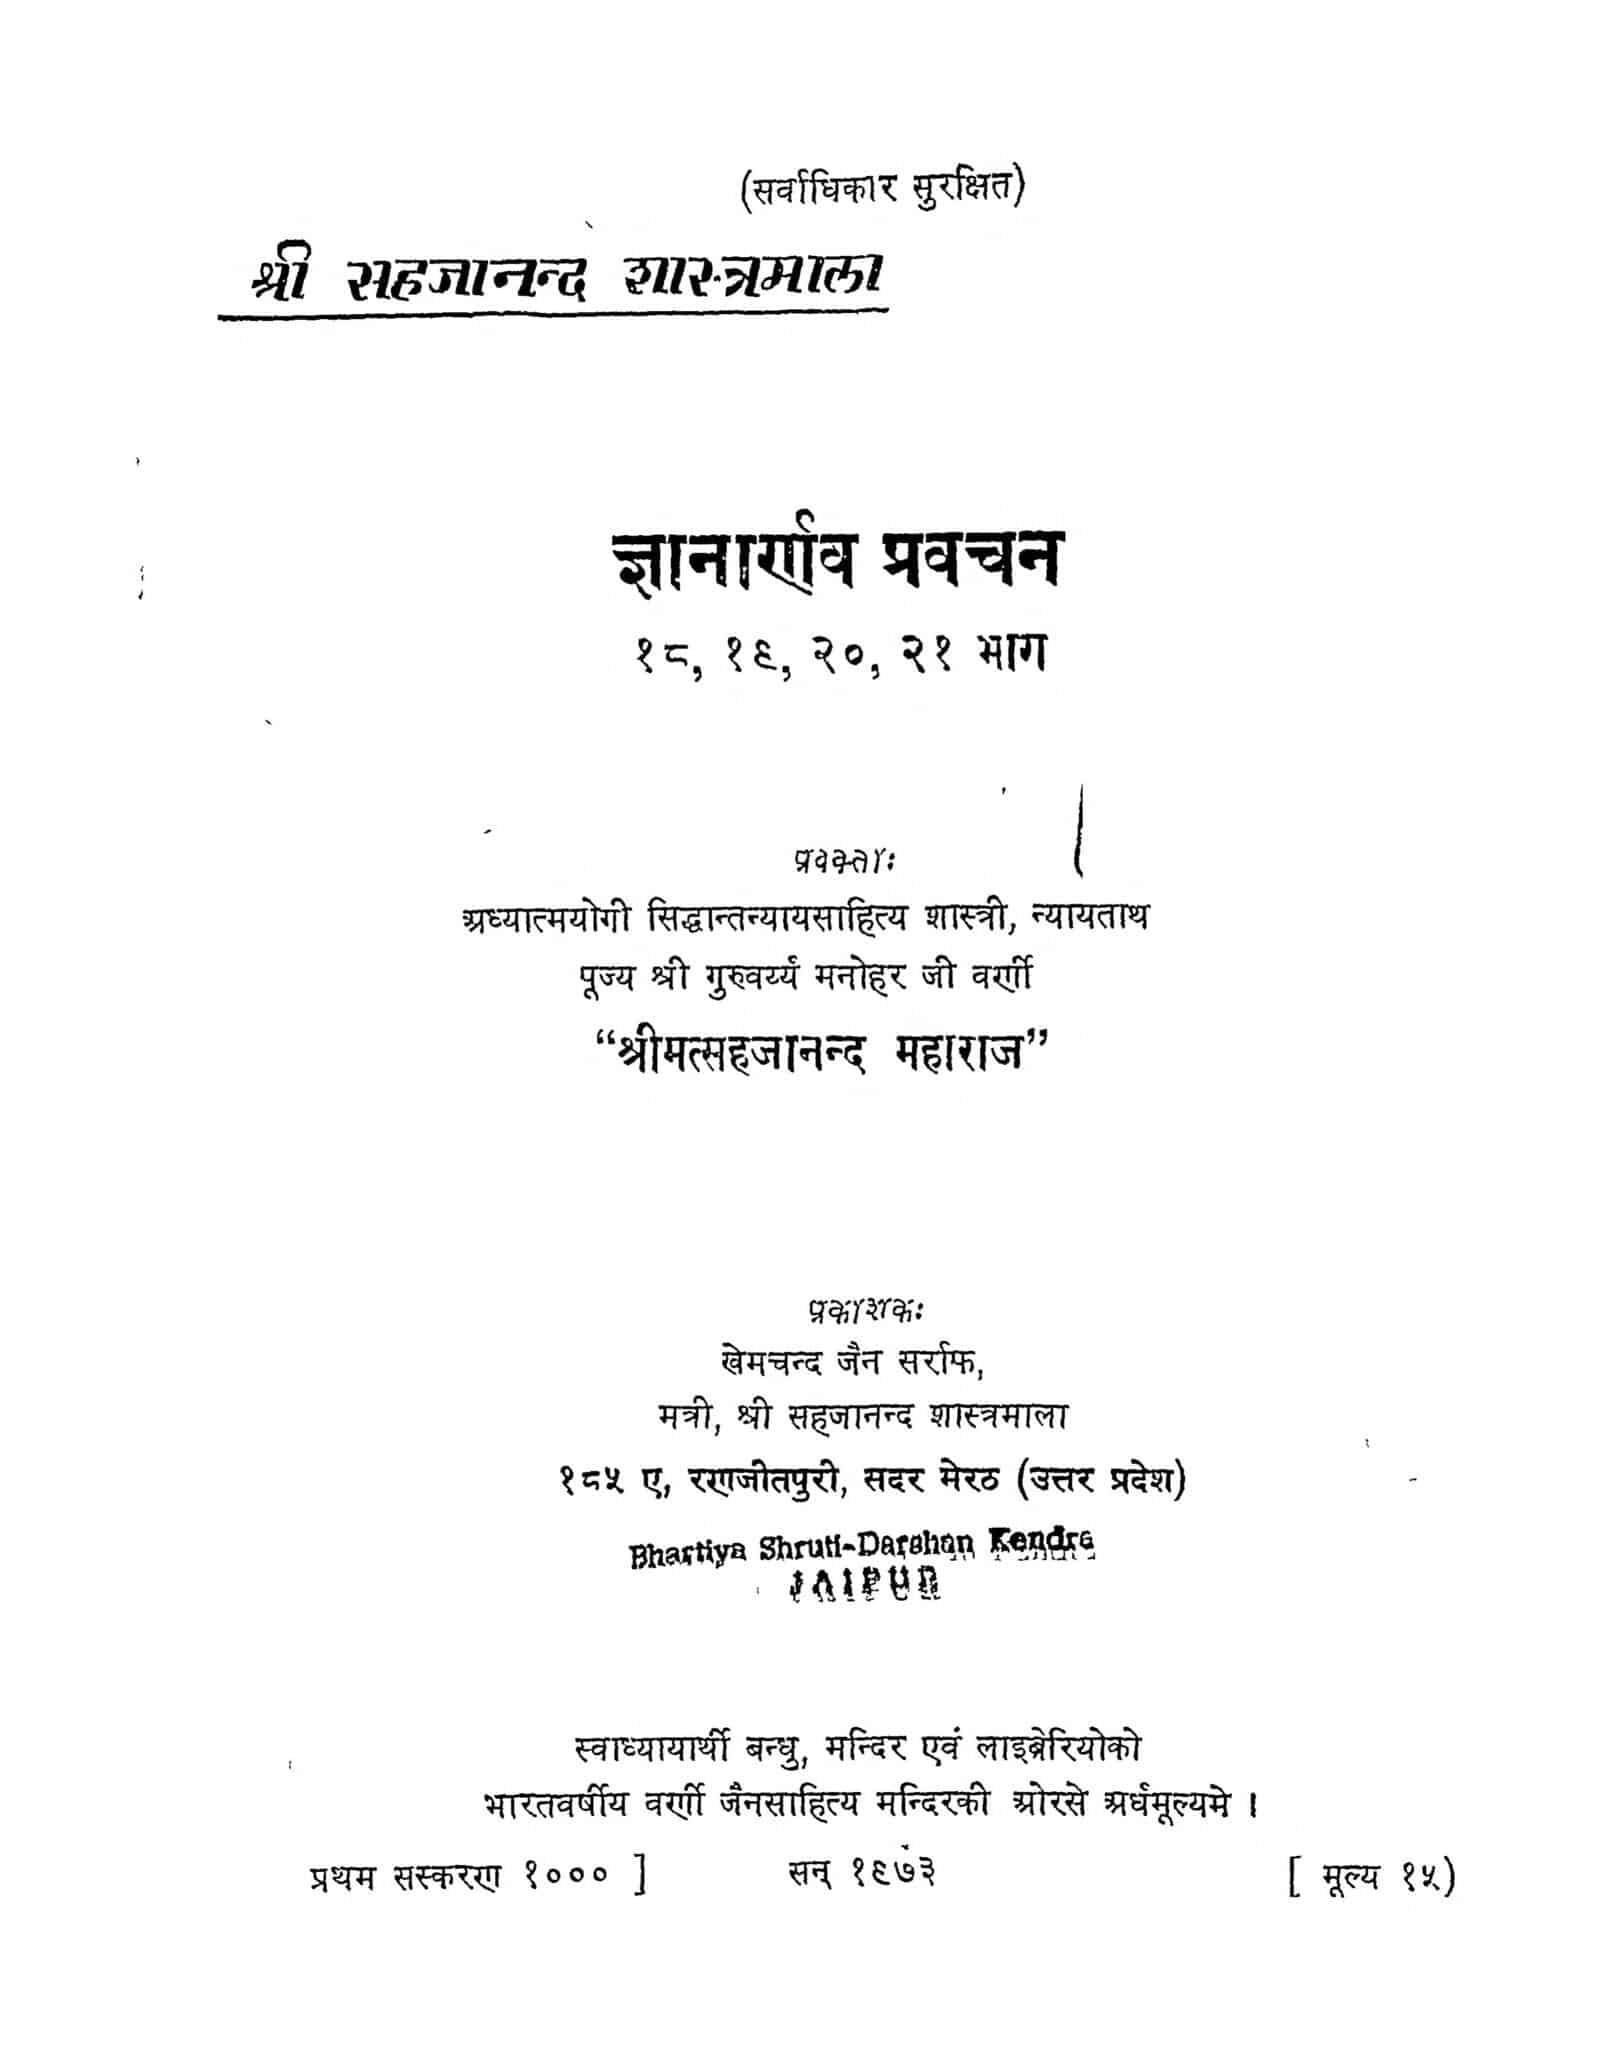 Book Image : ज्ञानार्णव प्रवचन (भाग - १८,१९,२०,२१) - Gyanarnav Pravachan (bhag - 18,19,20,21)